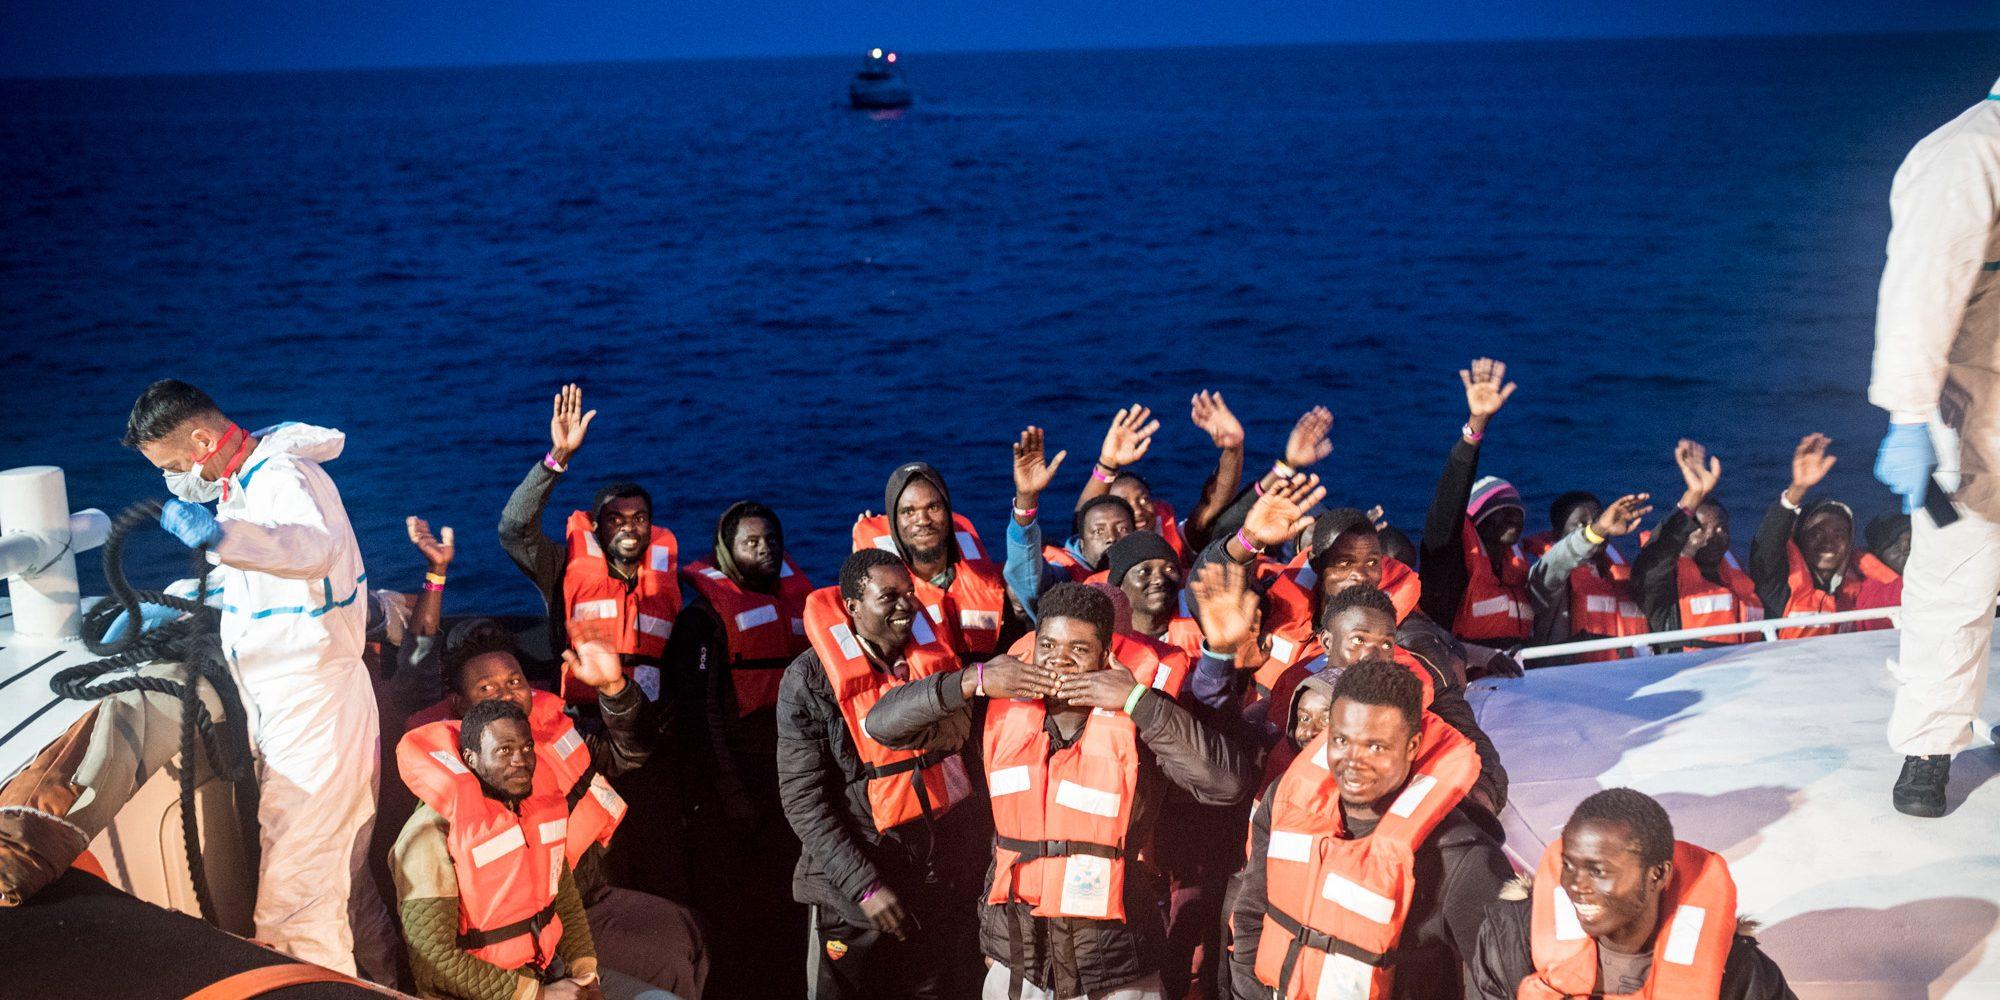 Italien Karte Lampedusa.Die Hafen Sind Offen Sea Watch 3 Schifft 65 Uberlebende In